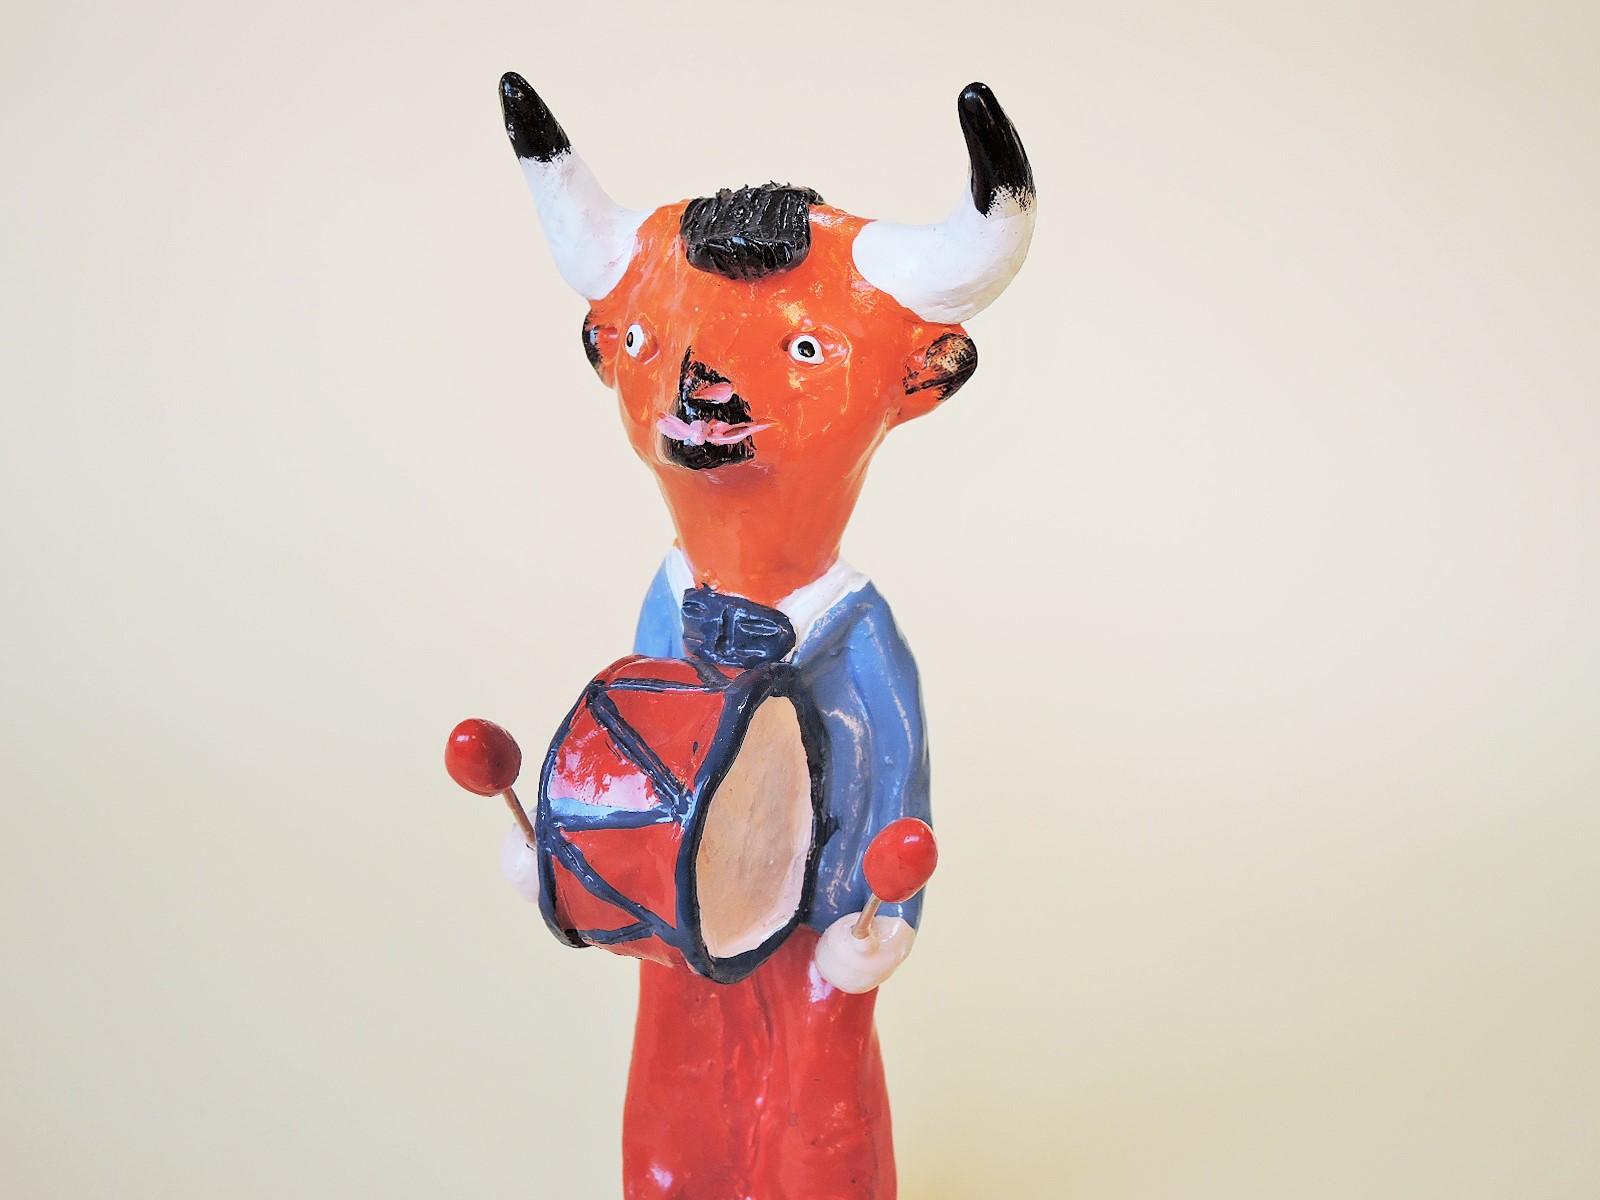 DSCN9268 (3) ポルトガル陶人形 牡牛の太鼓叩き Joao Ferreira作品